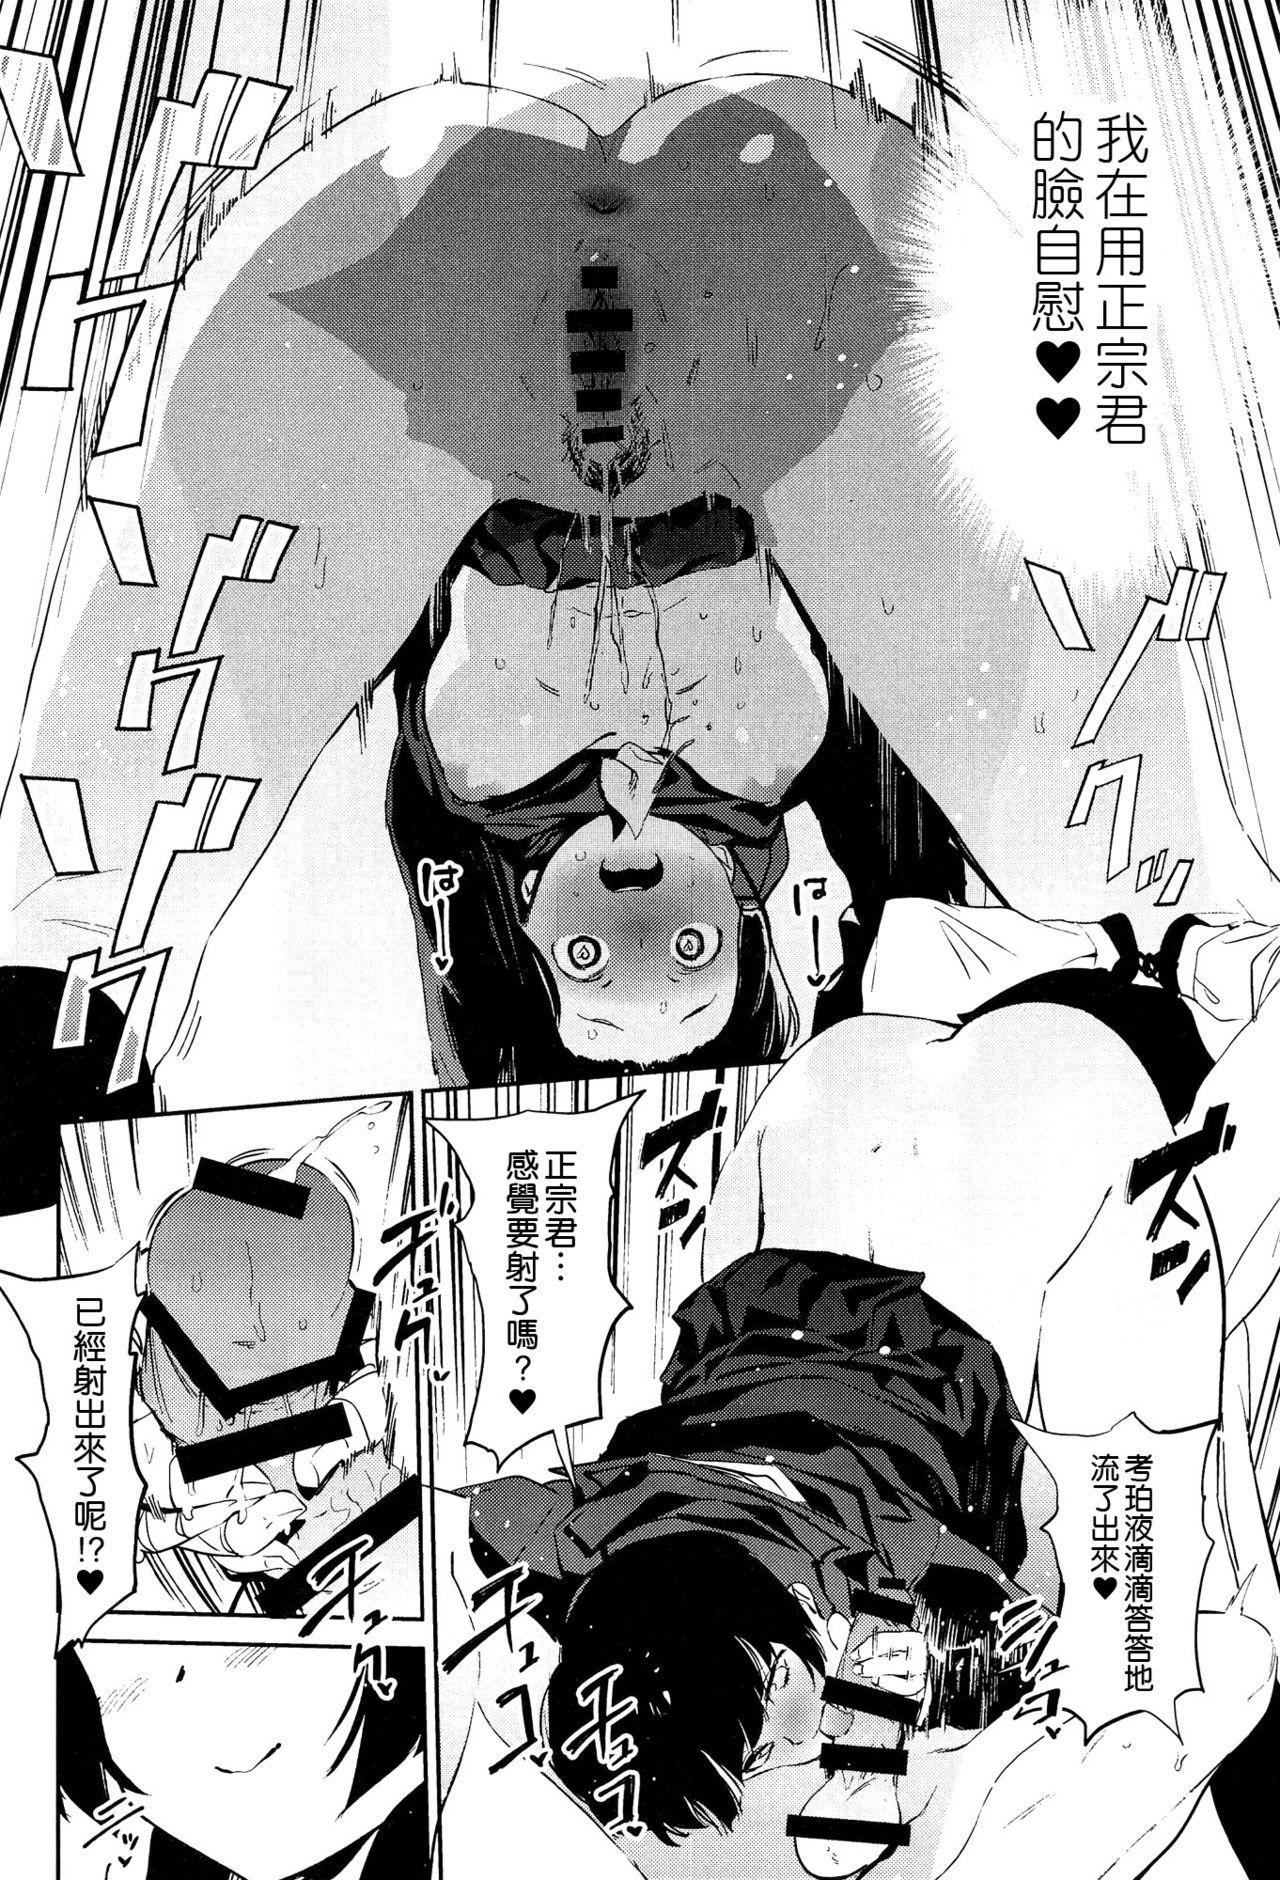 Muramasa-senpai no Suki ga Omoi 13